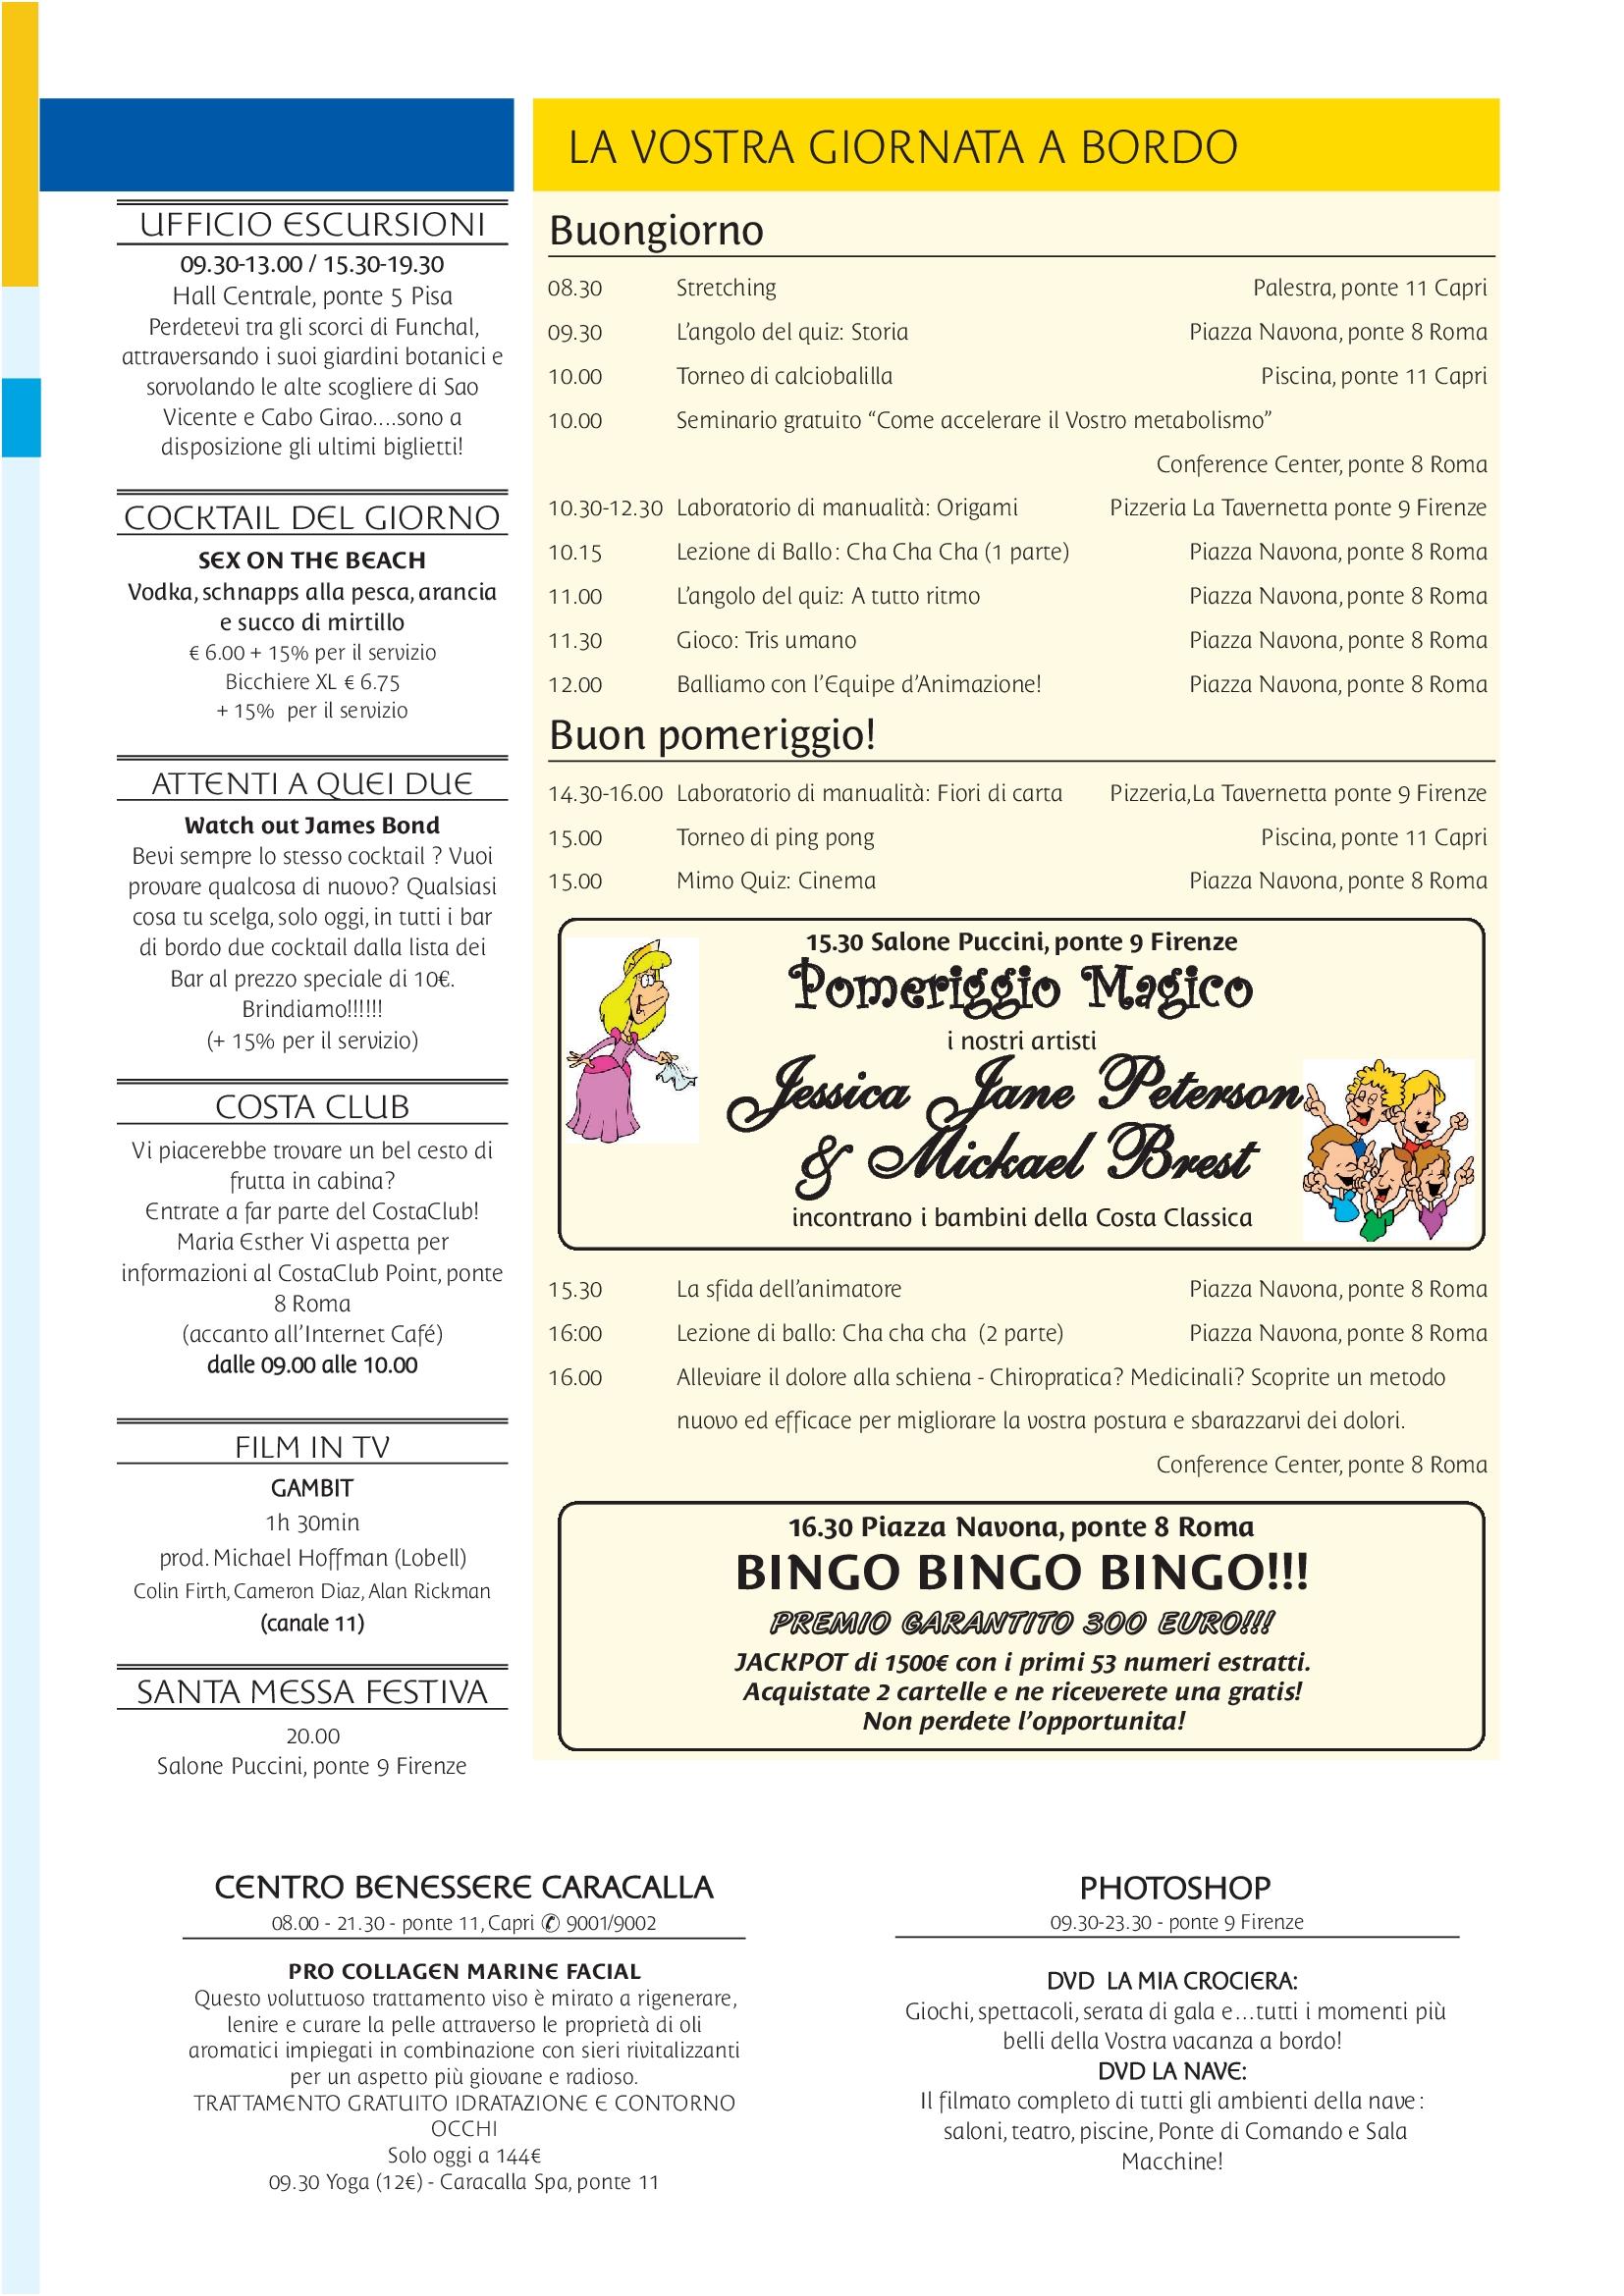 2014/01/12 - Navigazione - Costa Classica-journal_94_q100_cit-it_p2_20140112-jpeg